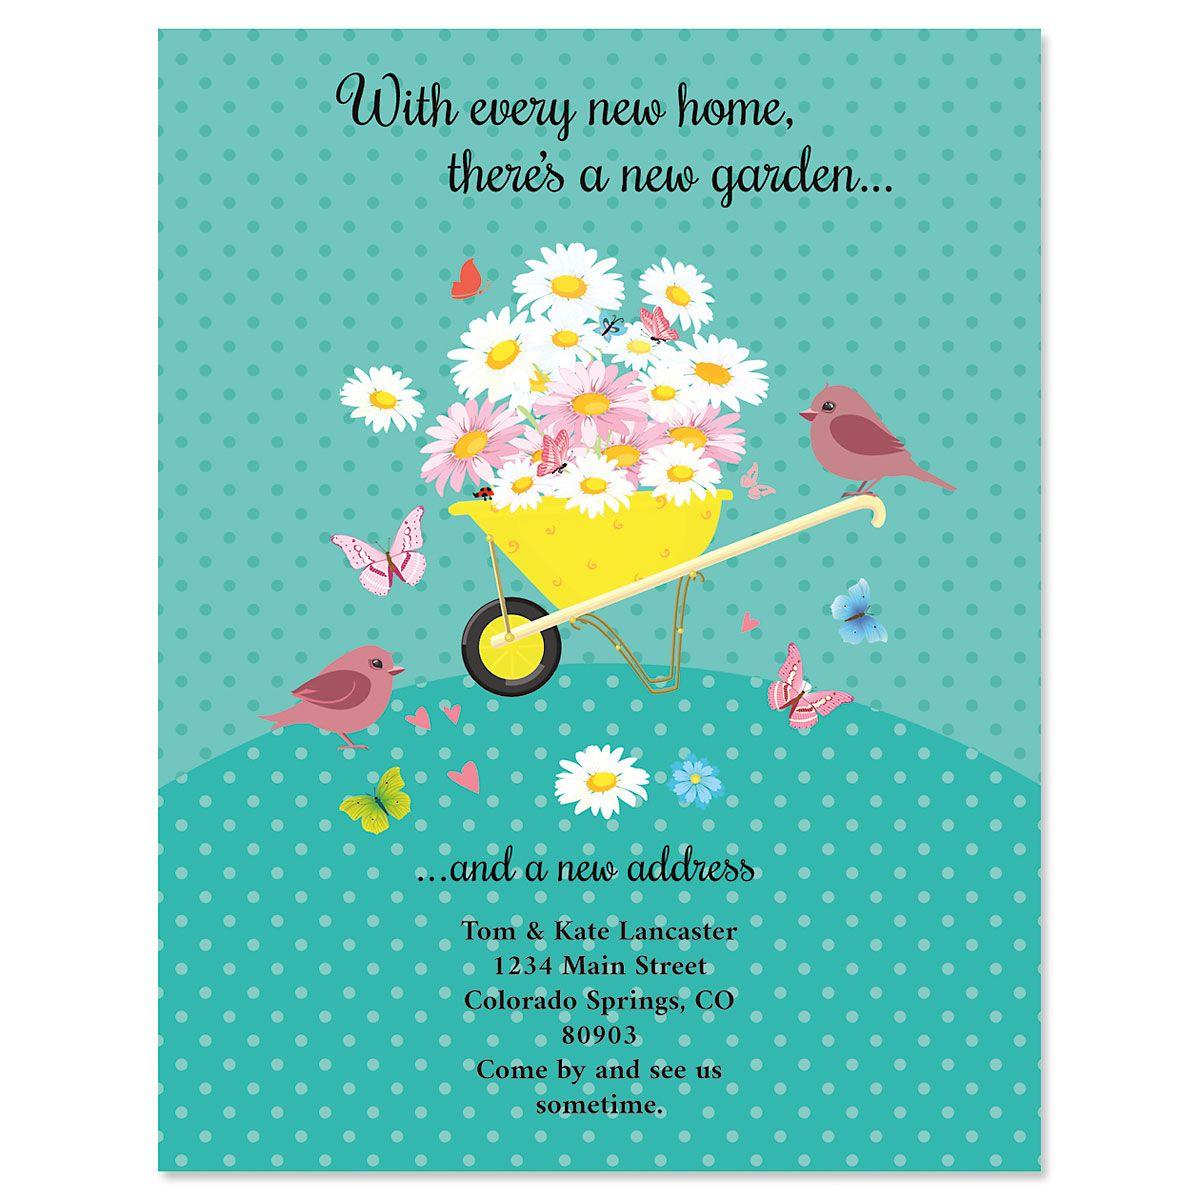 Home & Garden New Address Postcards